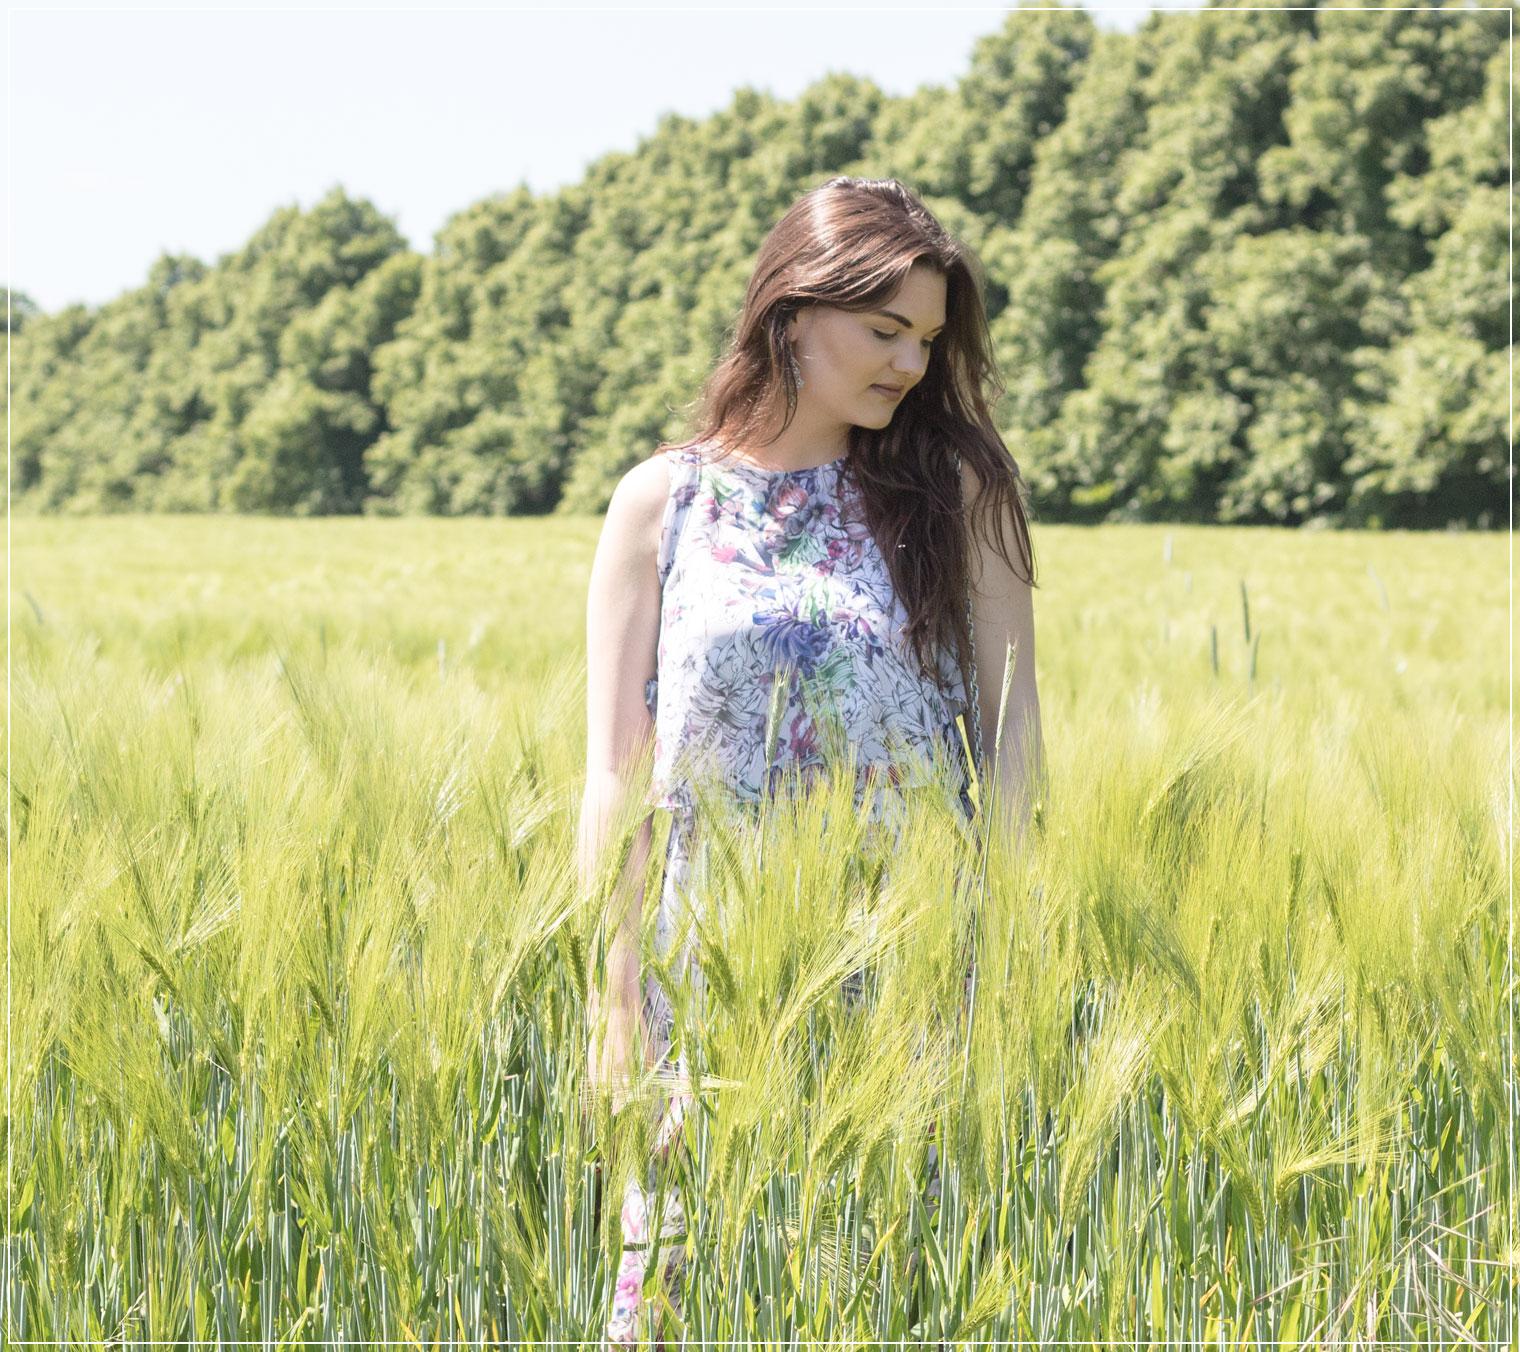 Sommerkleid, Maxidress, Maxikleid, Kornfeld, Summerdress, Sommer-Feeling